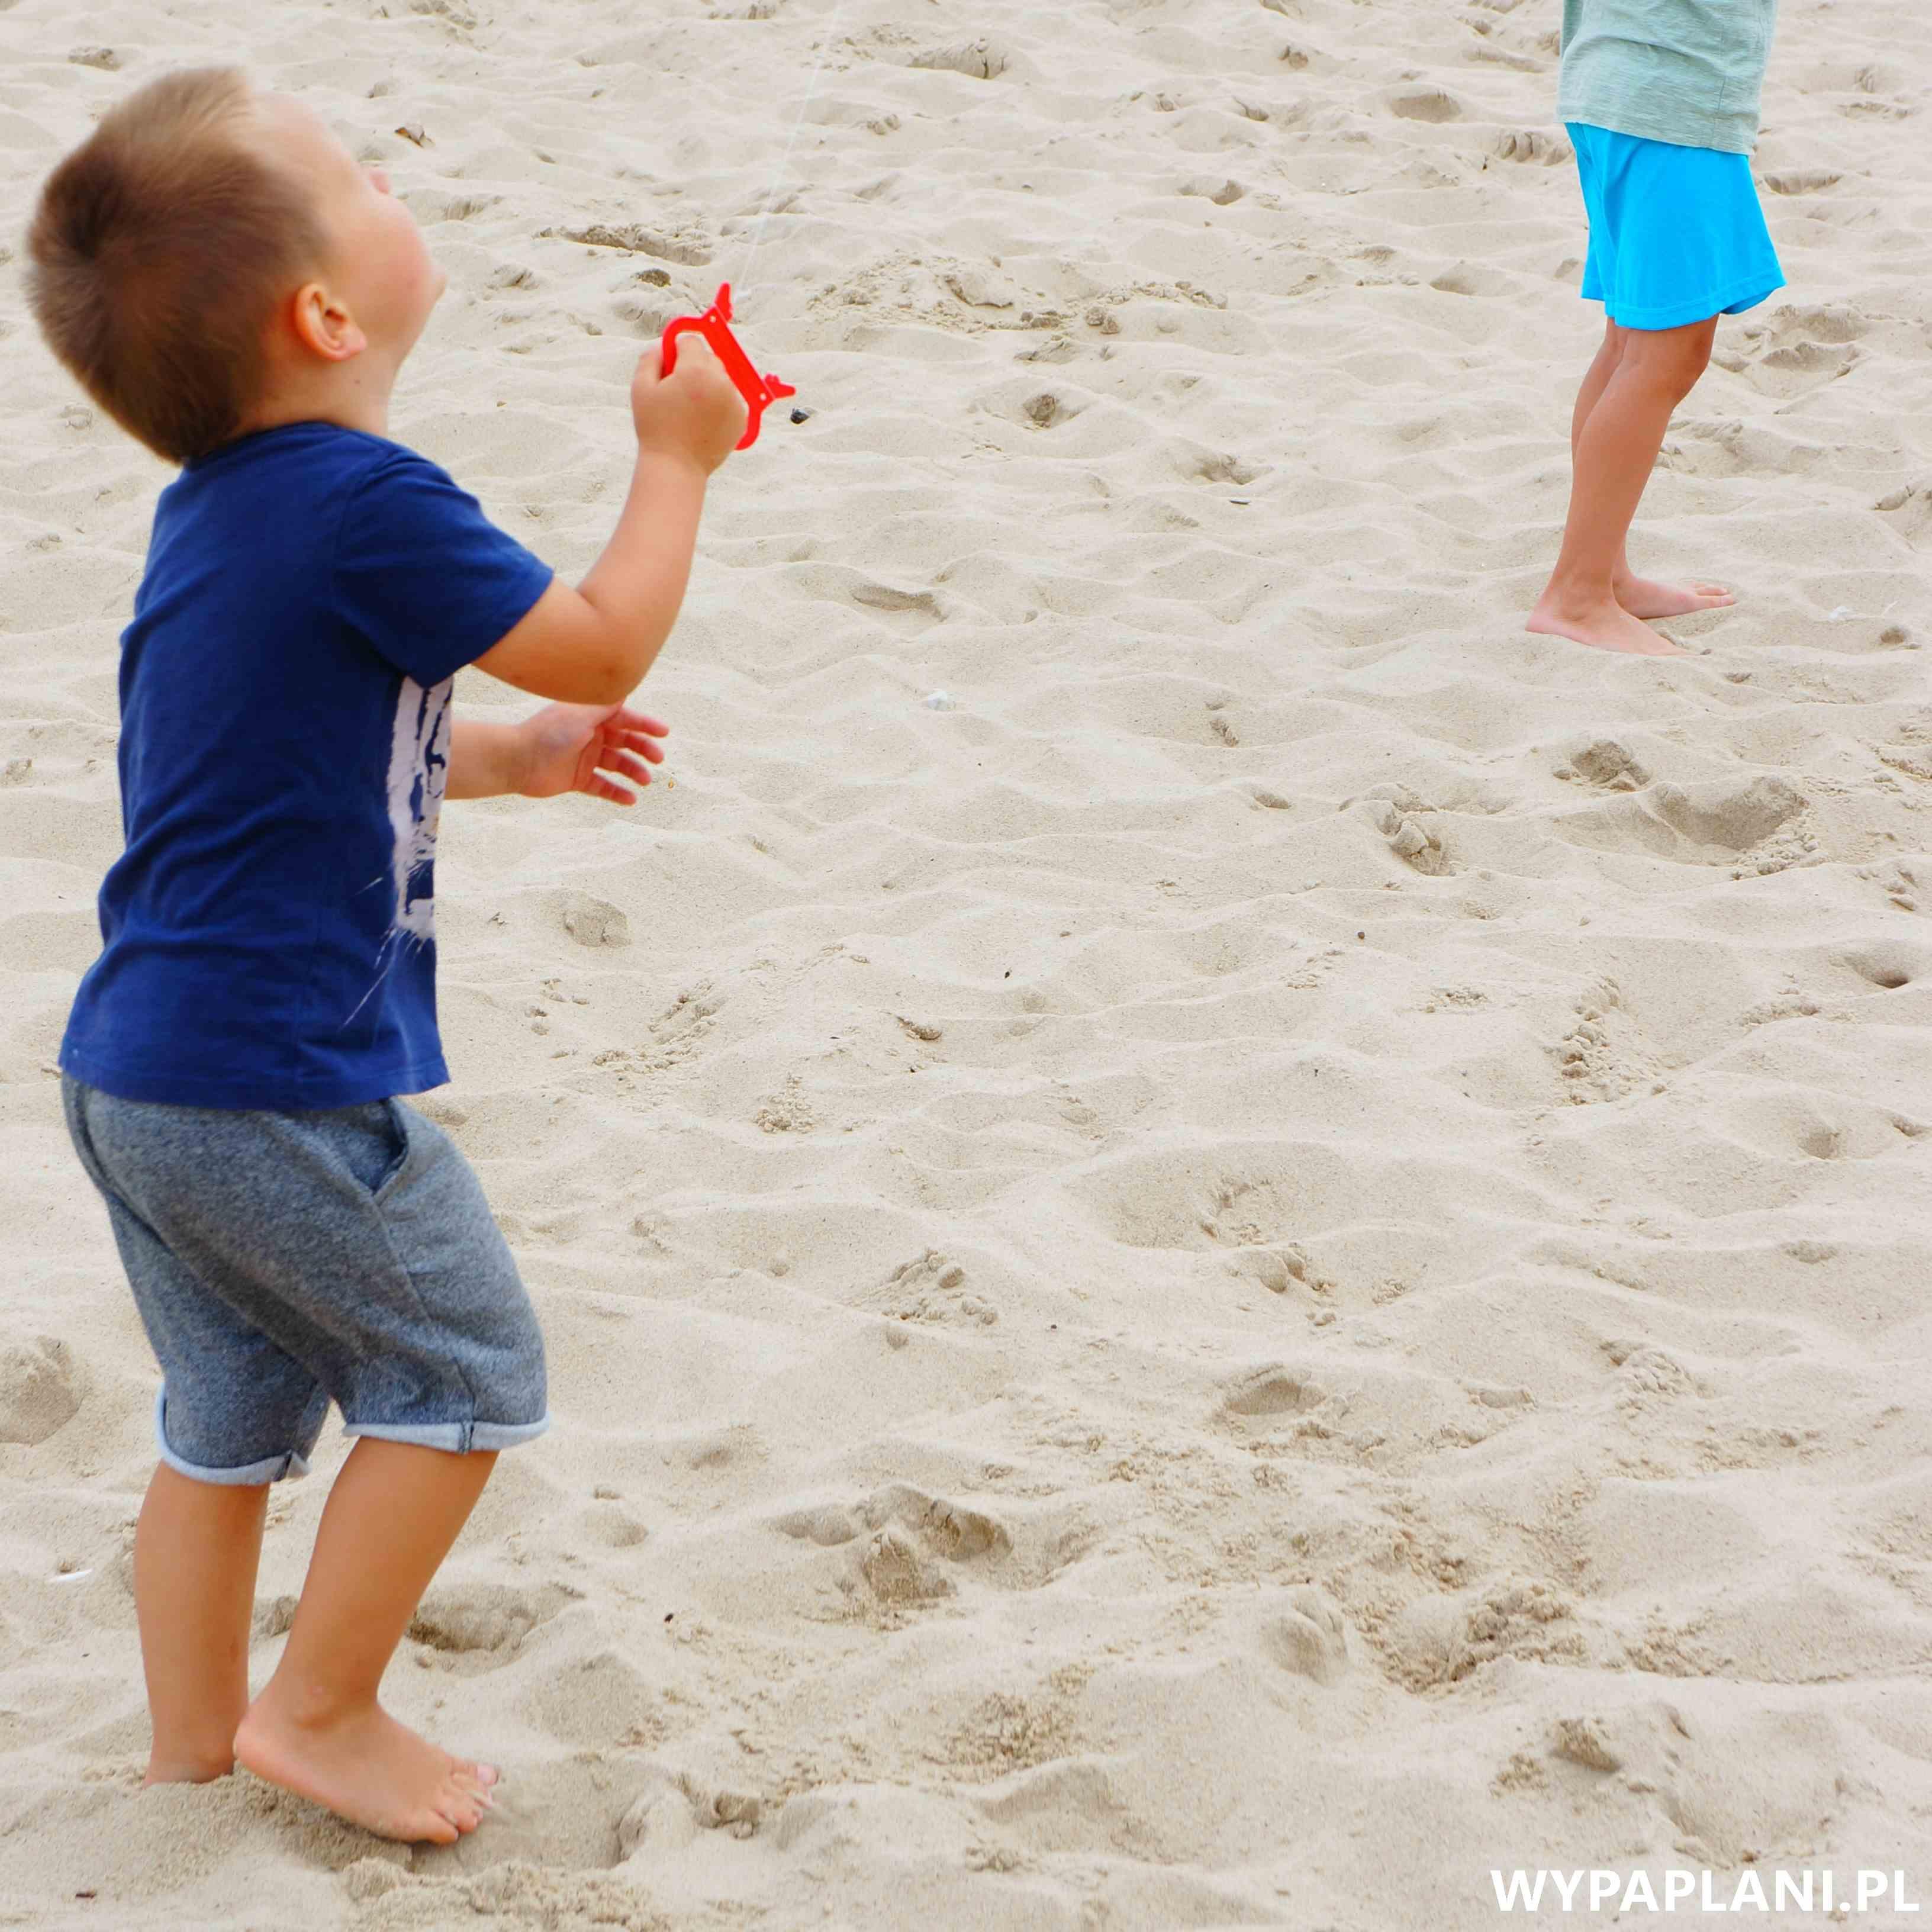 022_top zabawki do piasku piaskownicy na plażę